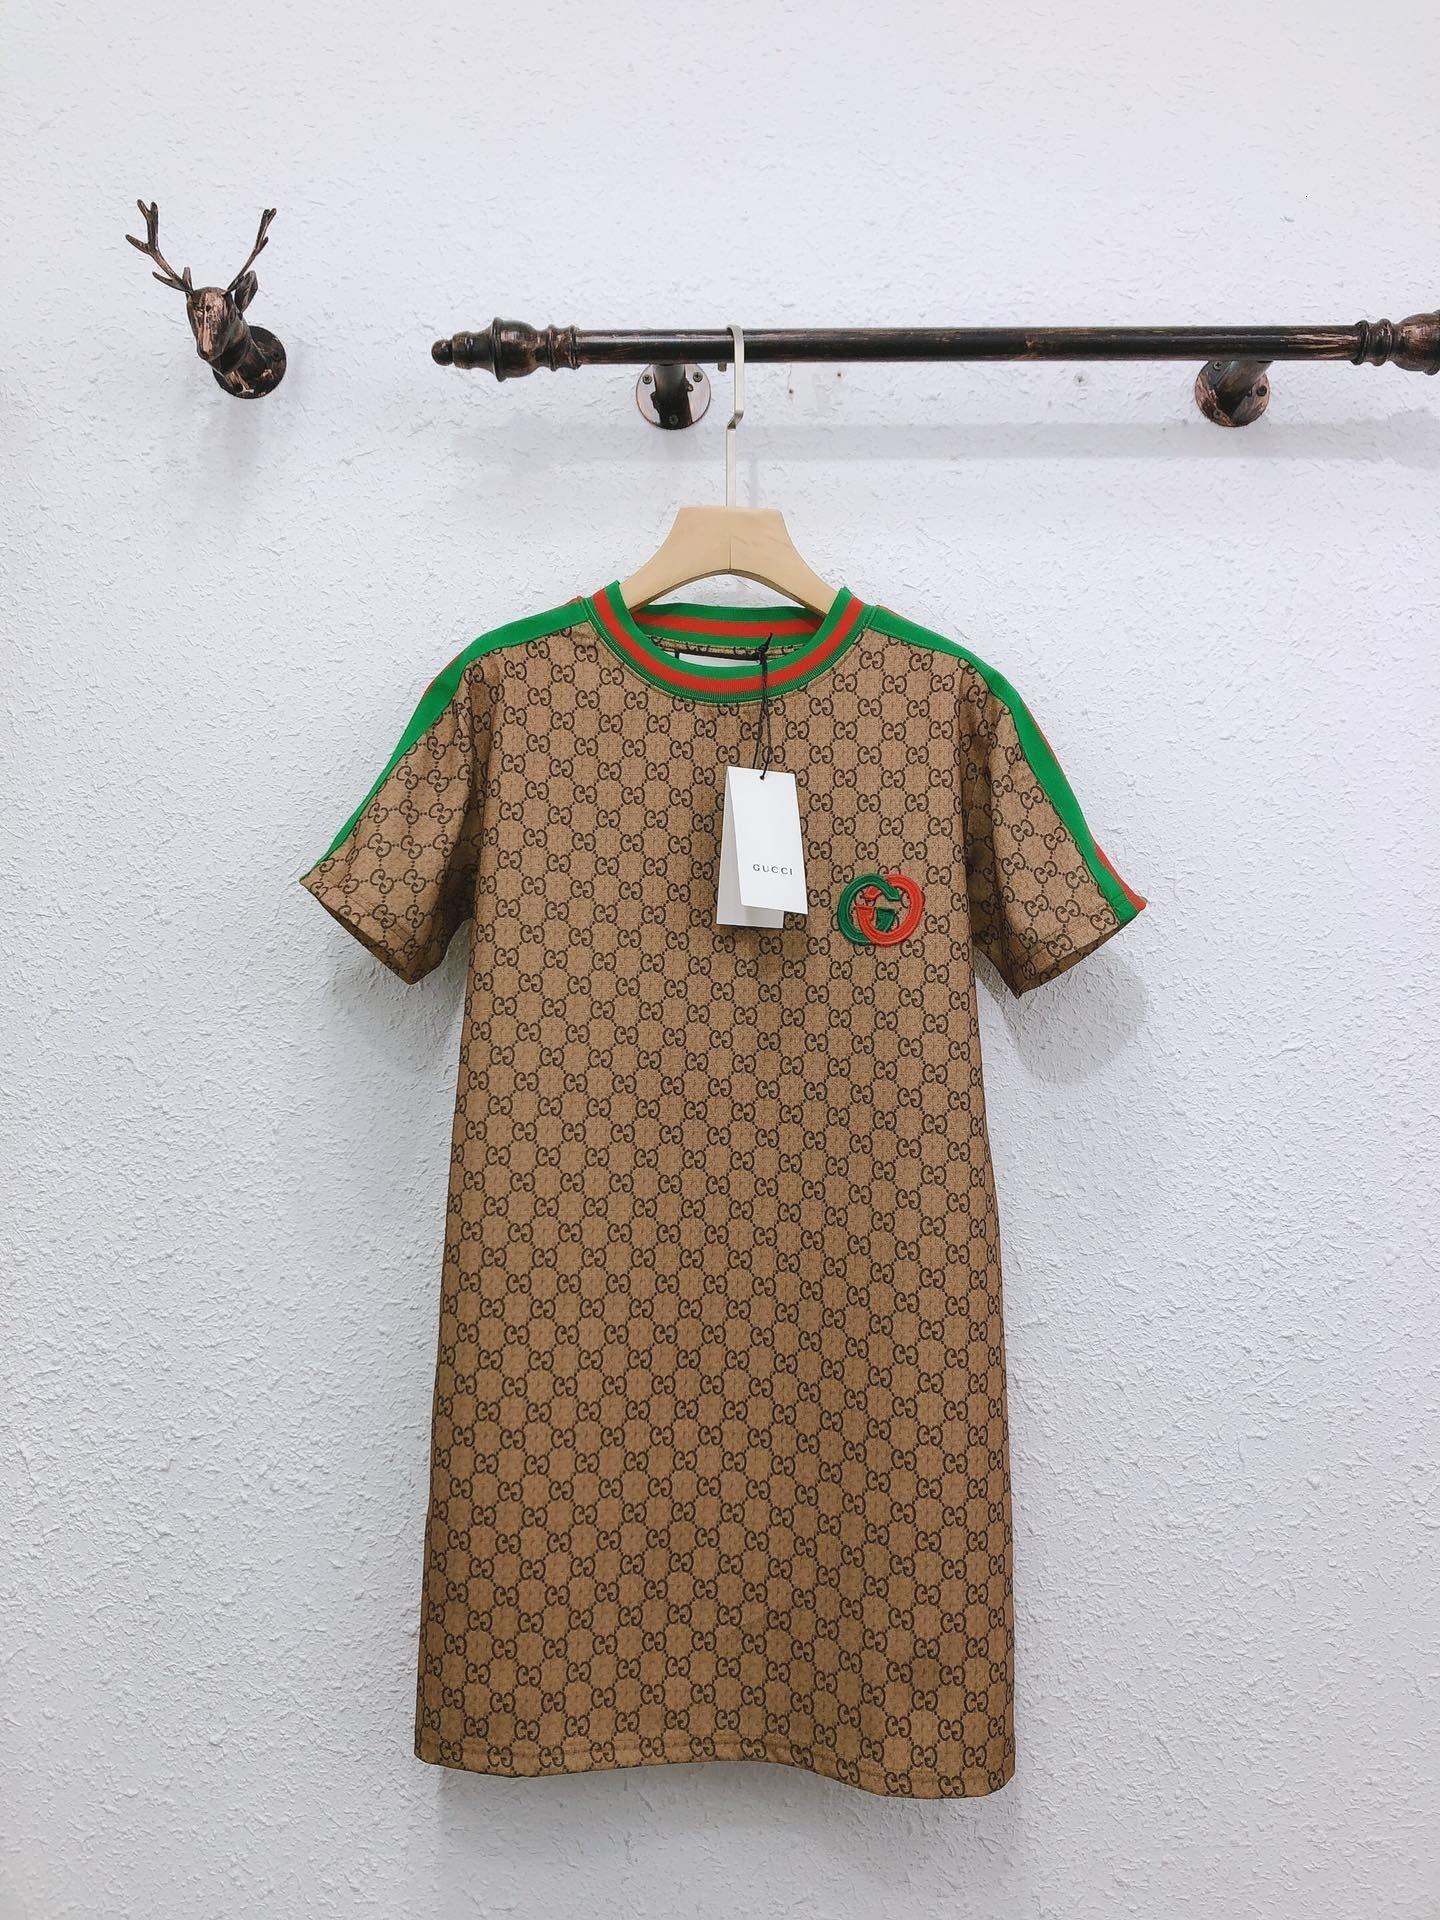 Дизайнерская одежда для женщин юбок нерегулярной мини-юбка весны фаворит Свободного перевозки груза способ горячего сбывания шарма C7Q0 C7Q0 C7Q0